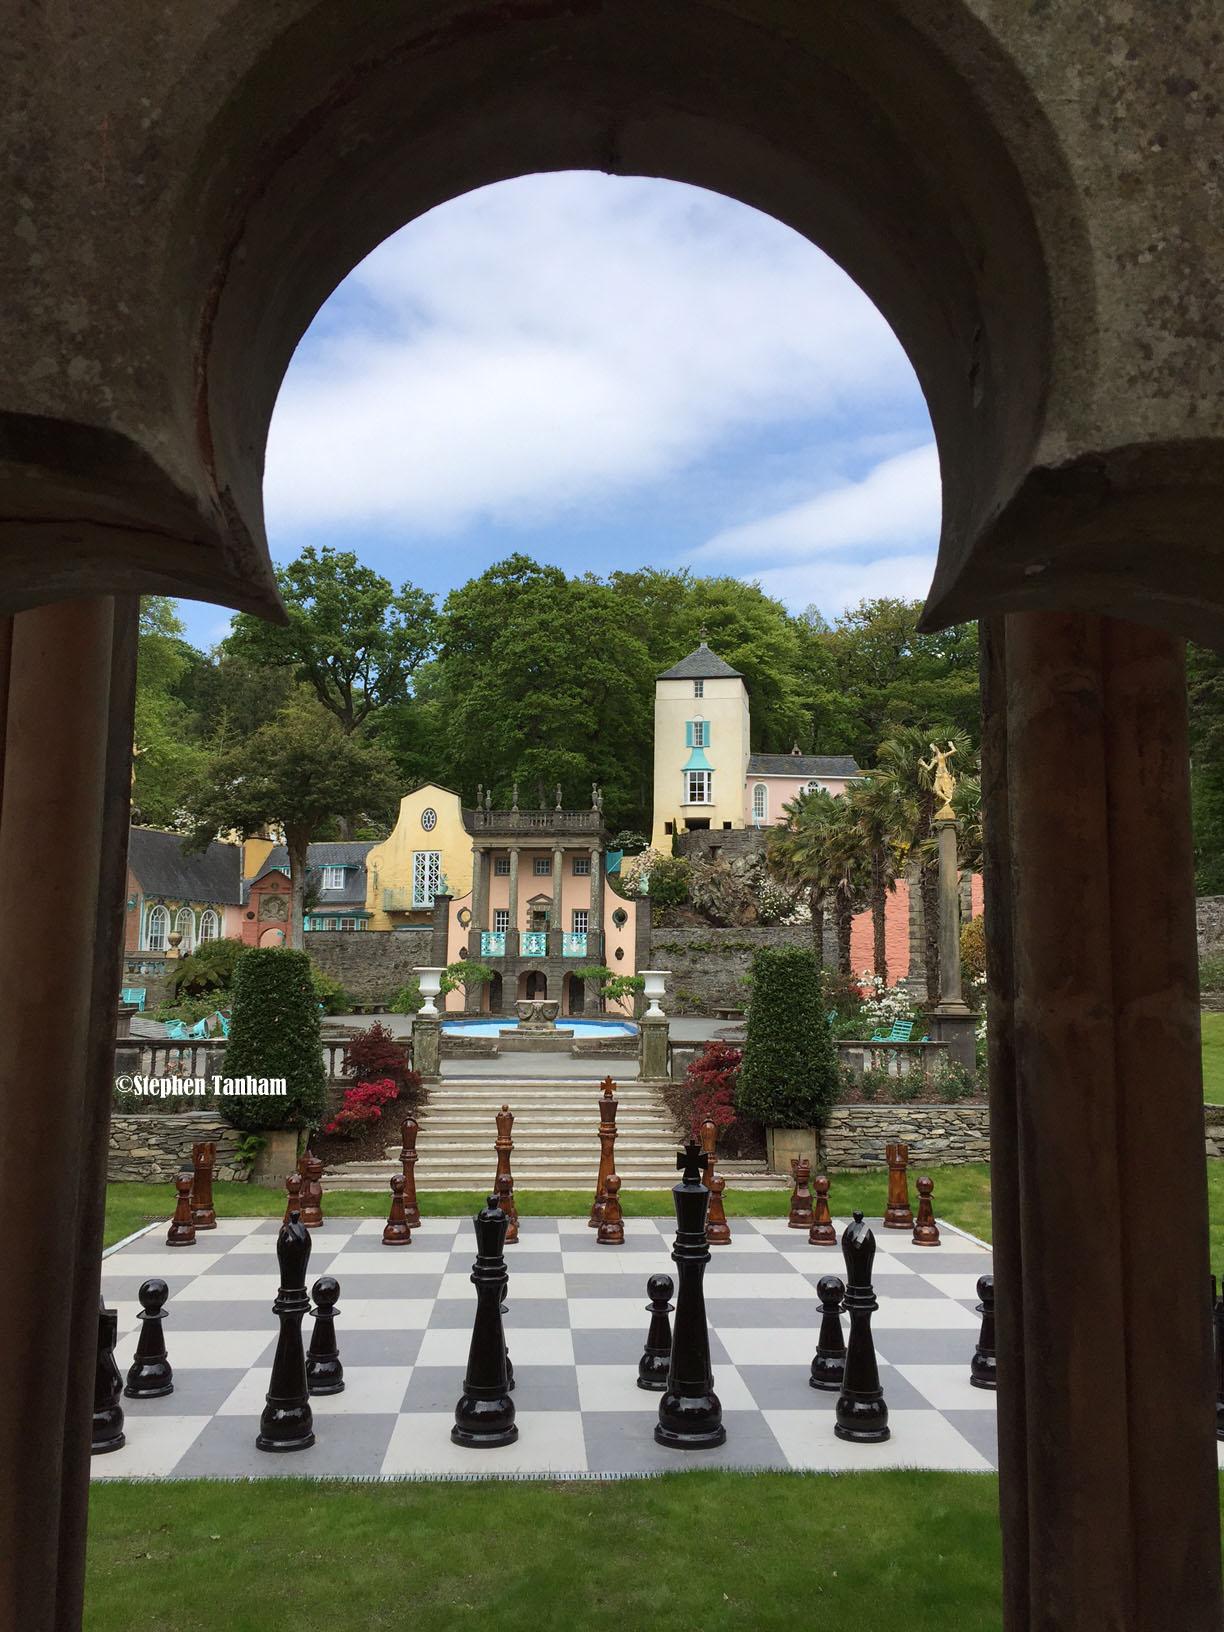 Chess thru arch colour